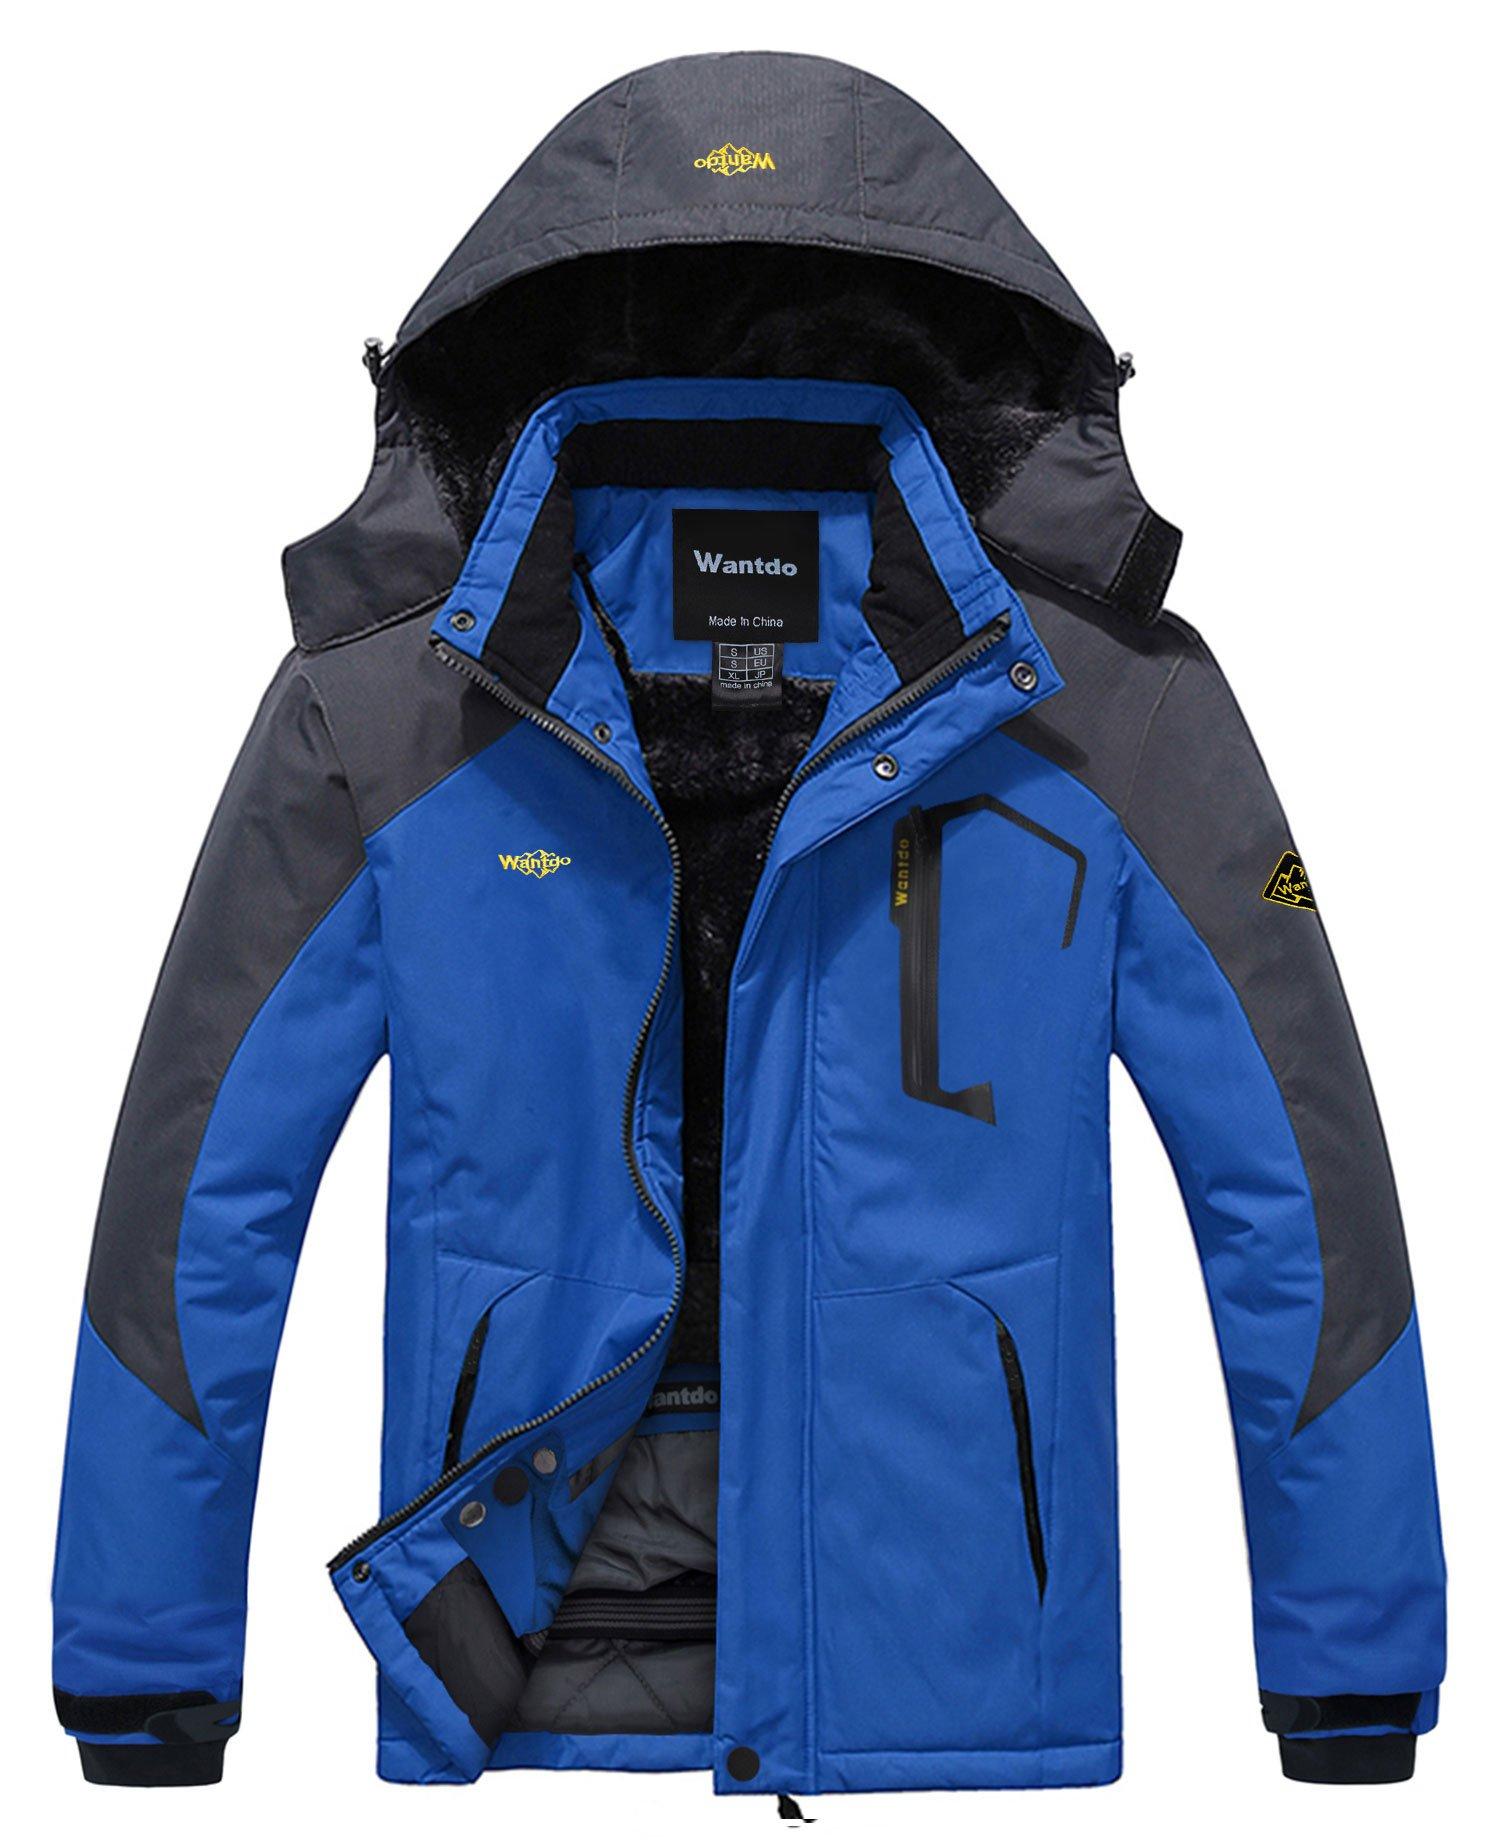 Wantdo Waterproof Mountain Jacket Windproof